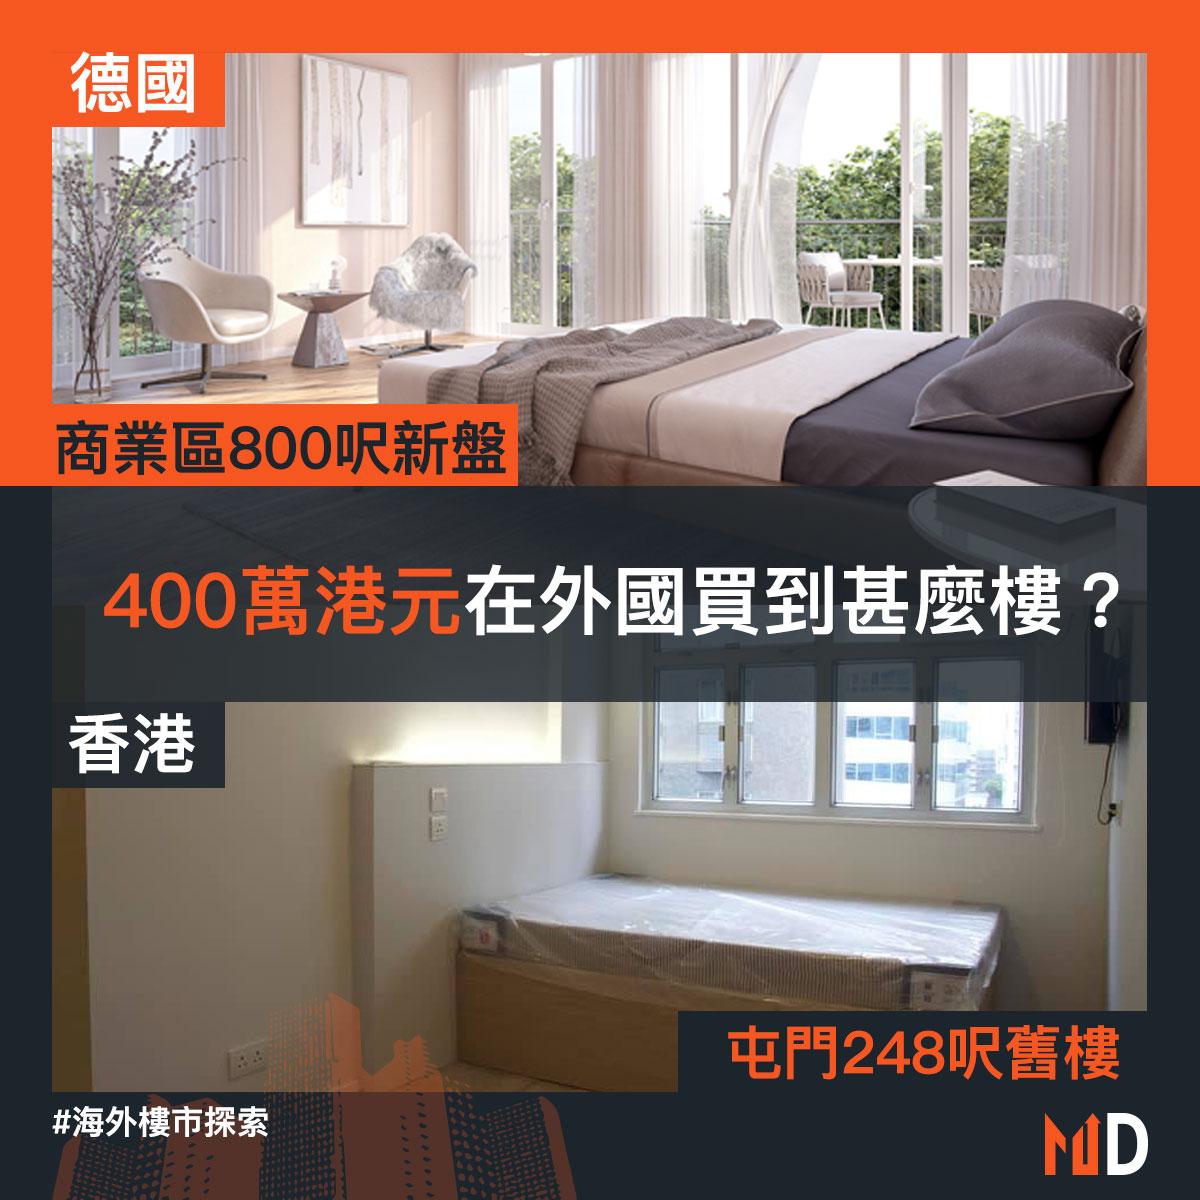 400萬在外國買到甚麼樓?